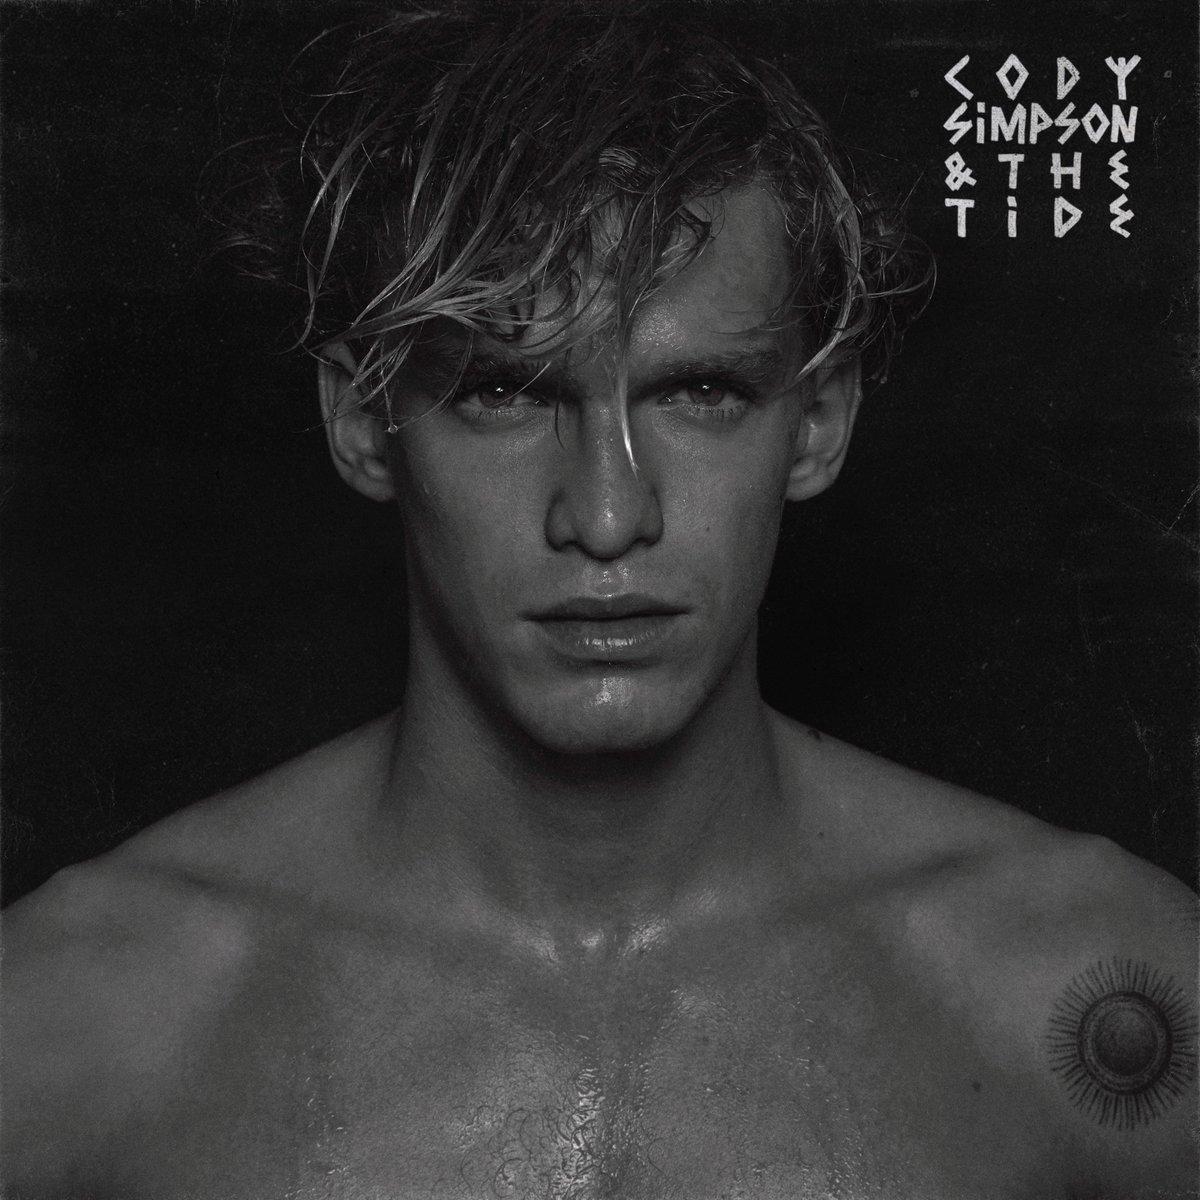 Cody Simpson The Tide Announces New Tour Dates Celeb Secrets